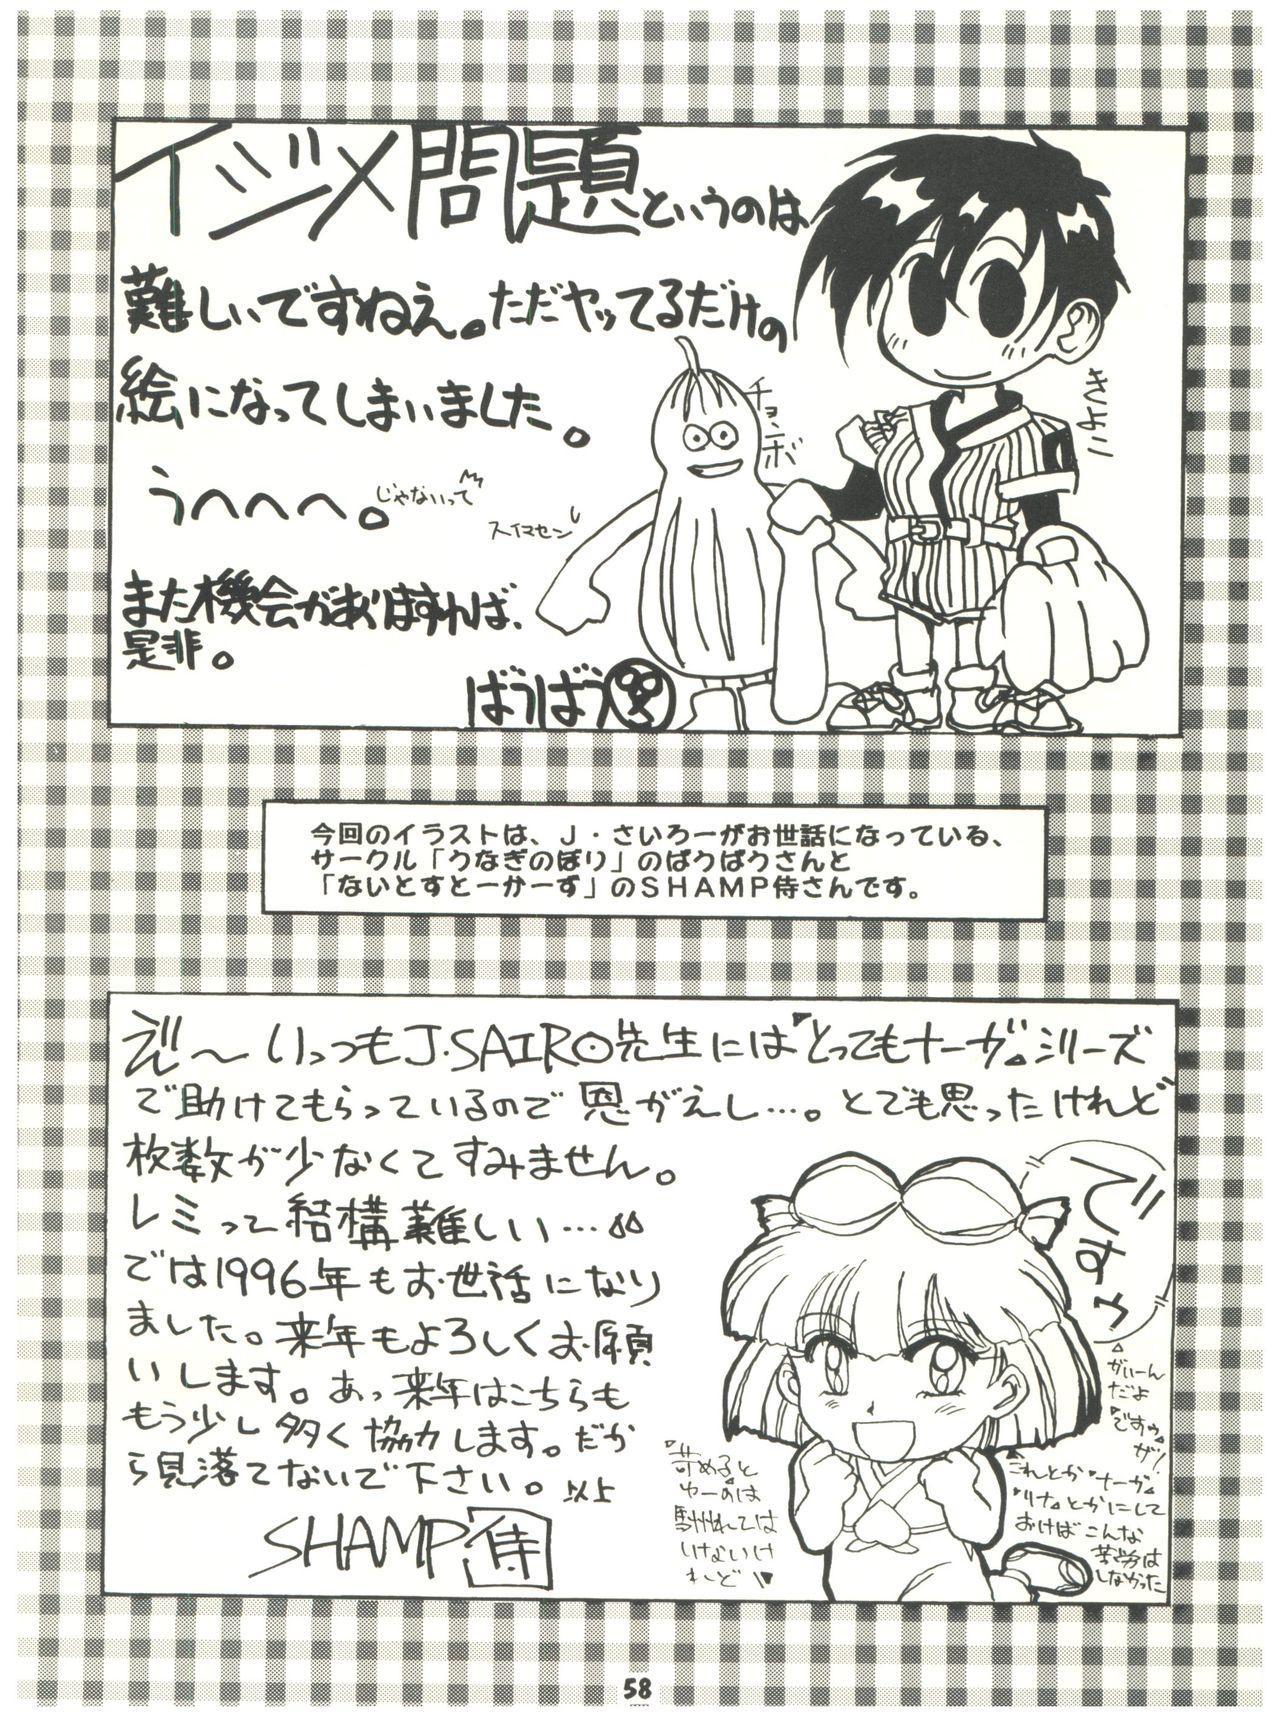 [Sairo Publishing (J. Sairo) En-Jack 2 (Various) 57